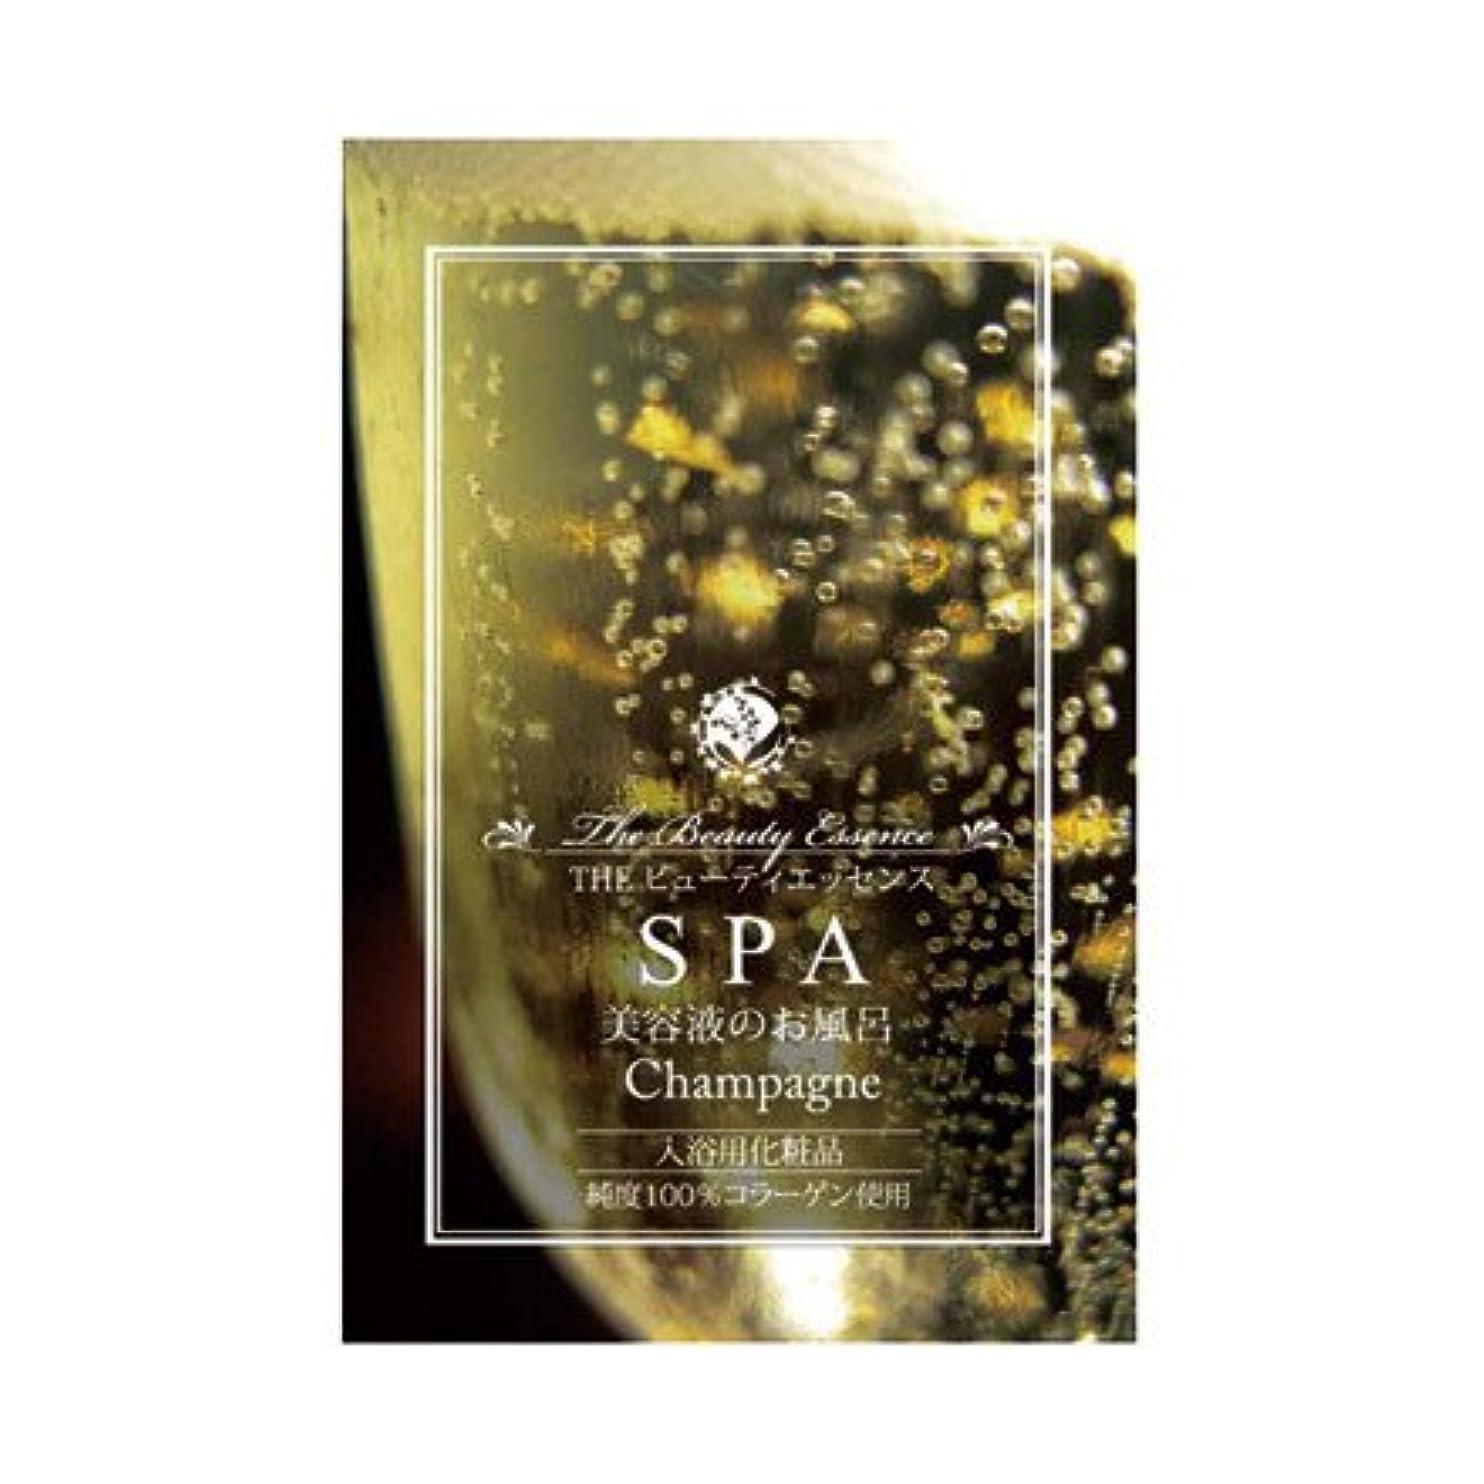 癒すチーフ通知するビューティエッセンスSPA シャンパン 50g(入浴剤)